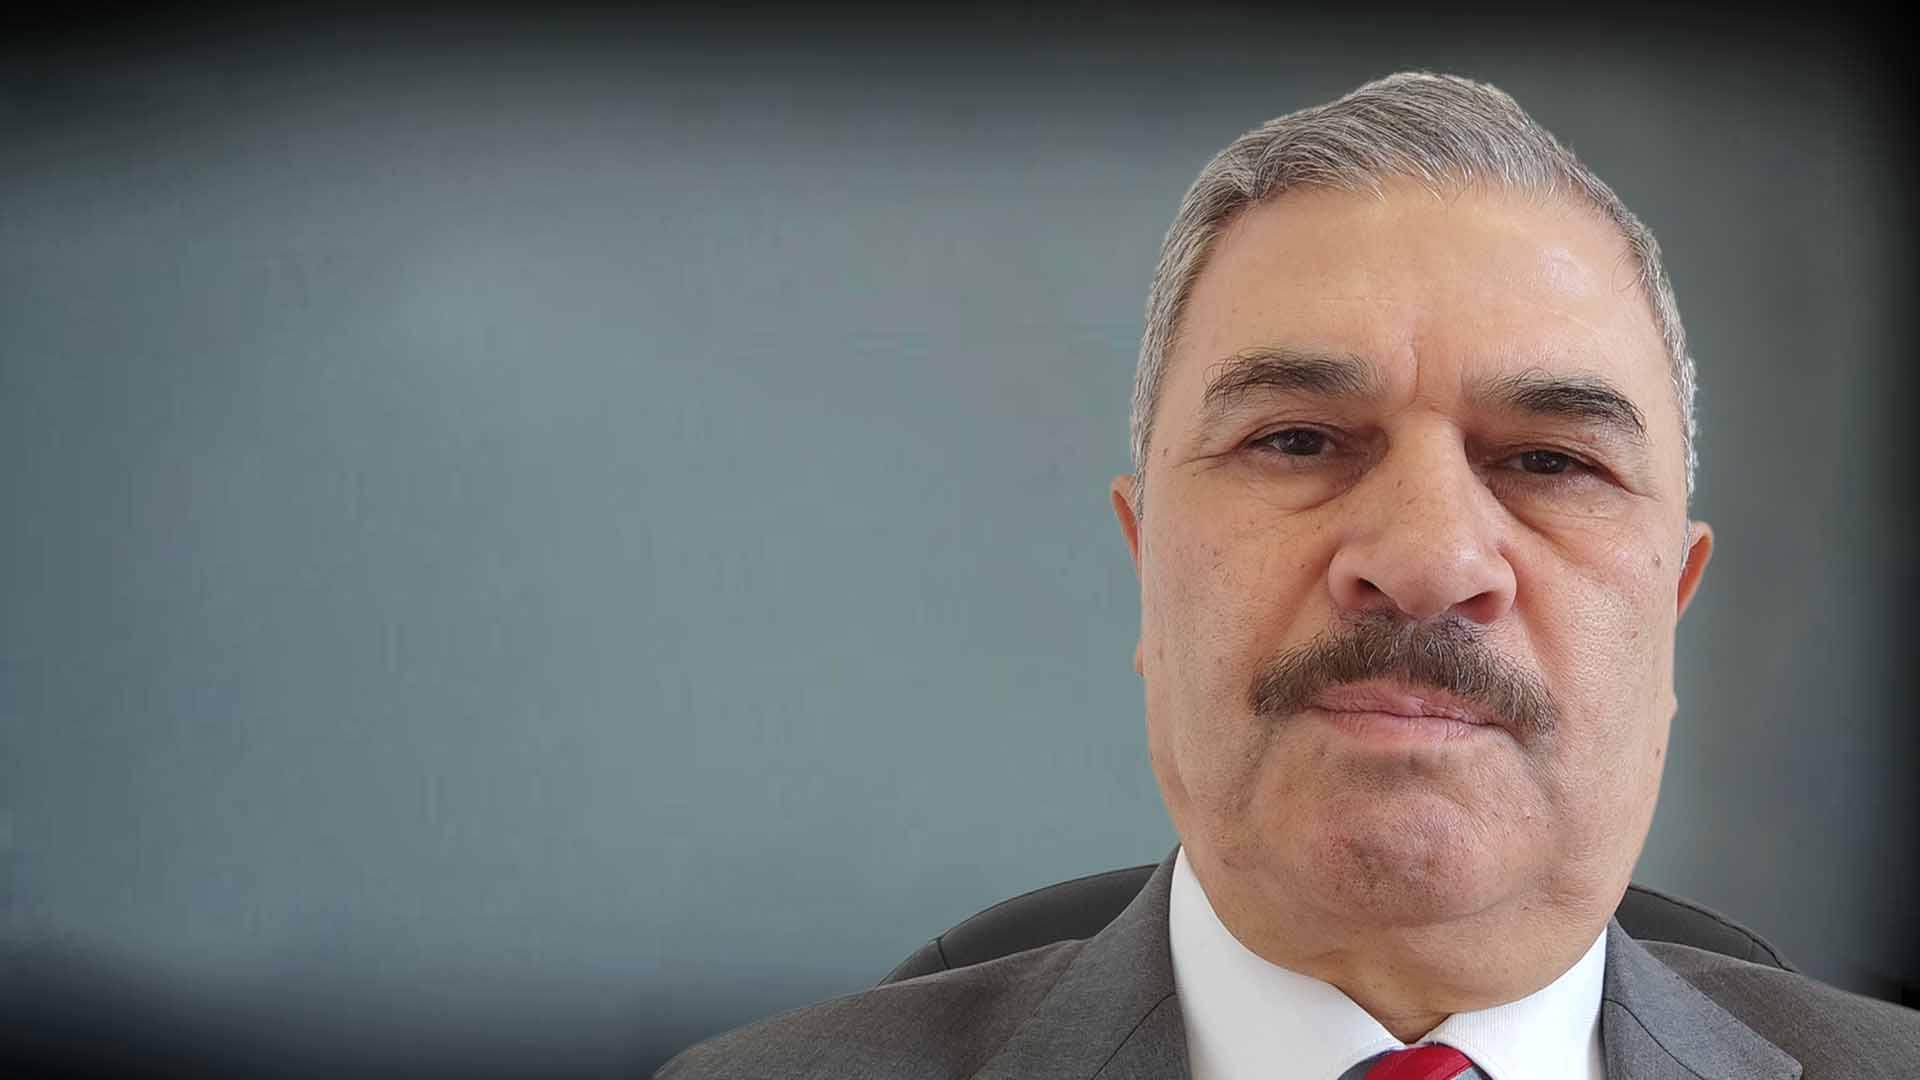 محمود الحمزة: موسكو تخاف من استبدال الأسد بدون ضمانات أميركية